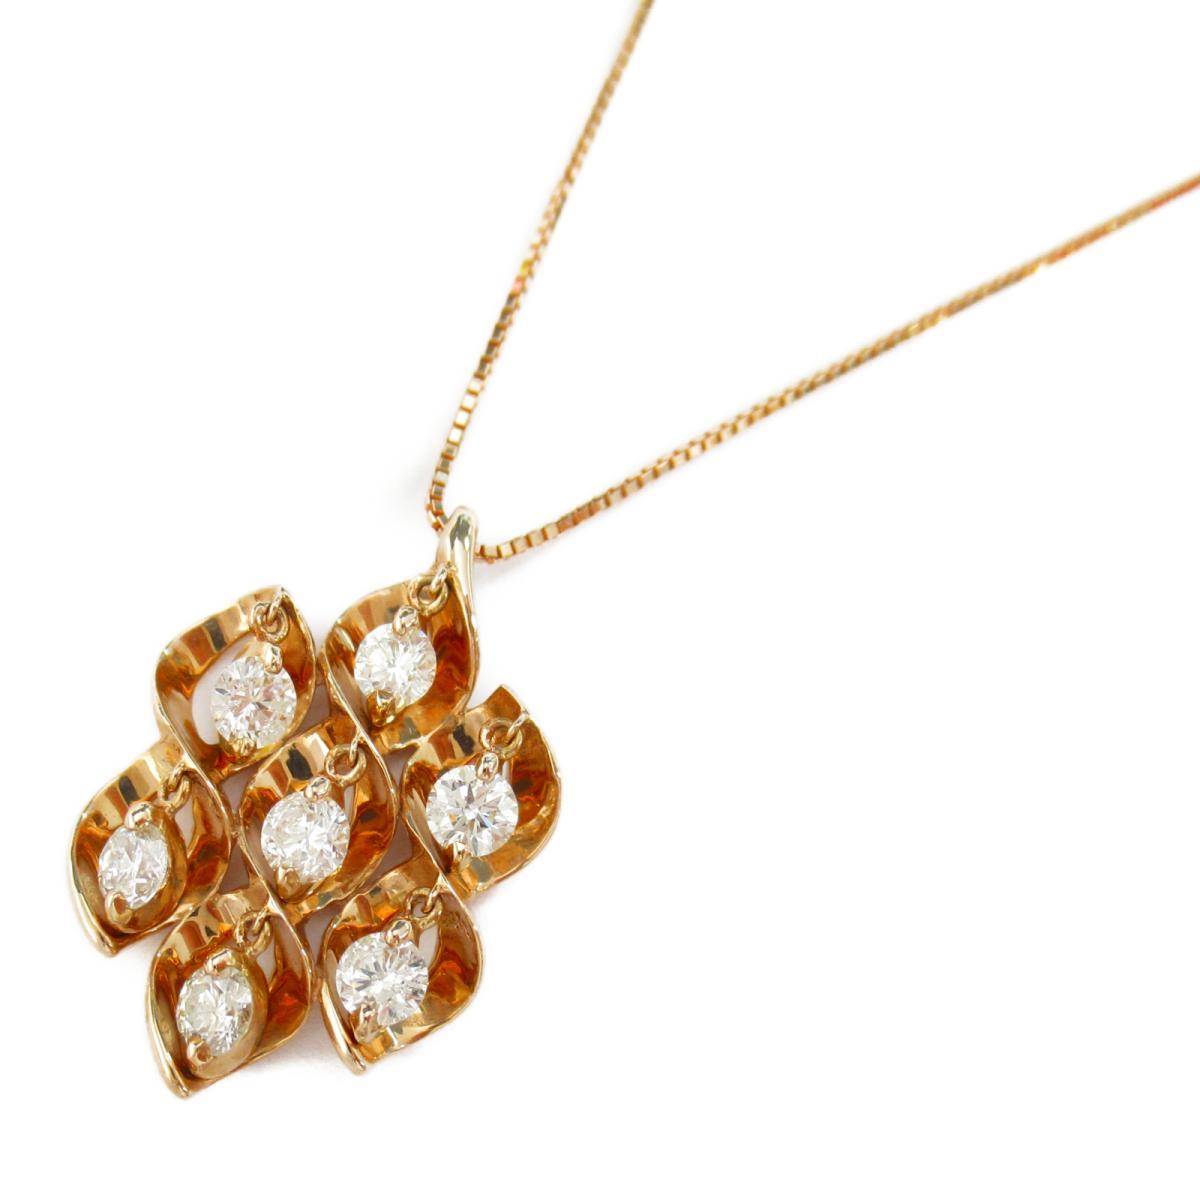 【中古】ジュエリー ダイヤモンド ネックレス ノーブランドジュエリー レディース ダイヤモンド1.00ct x K18PG(ピンクゴールド)